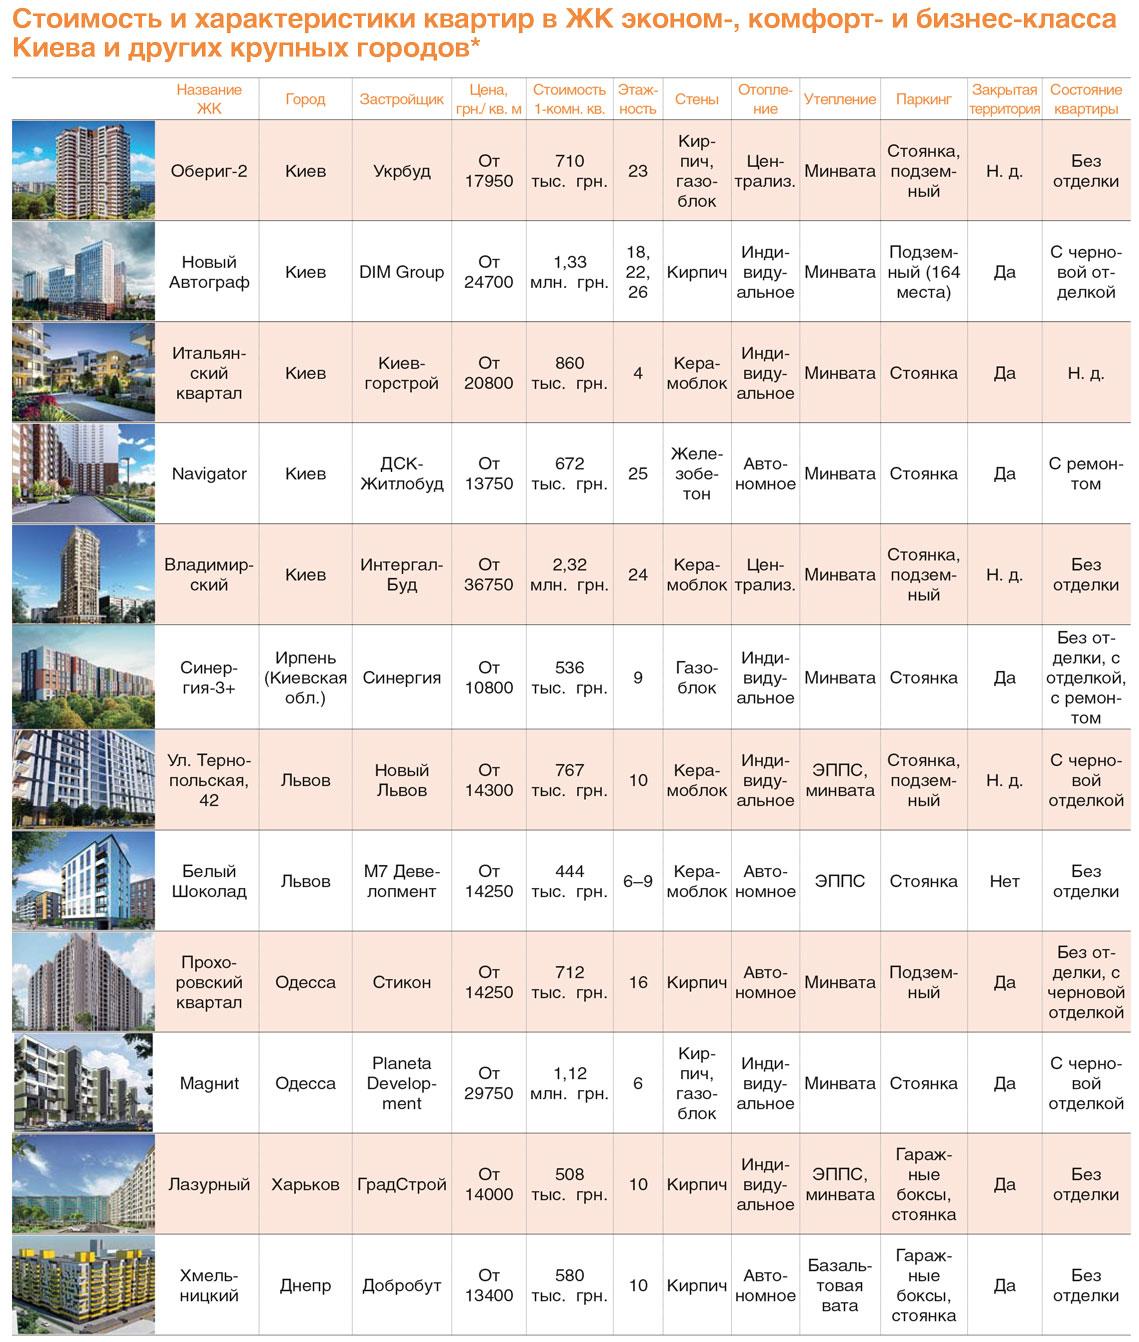 Стоимость и характеристика квартир в ЖК